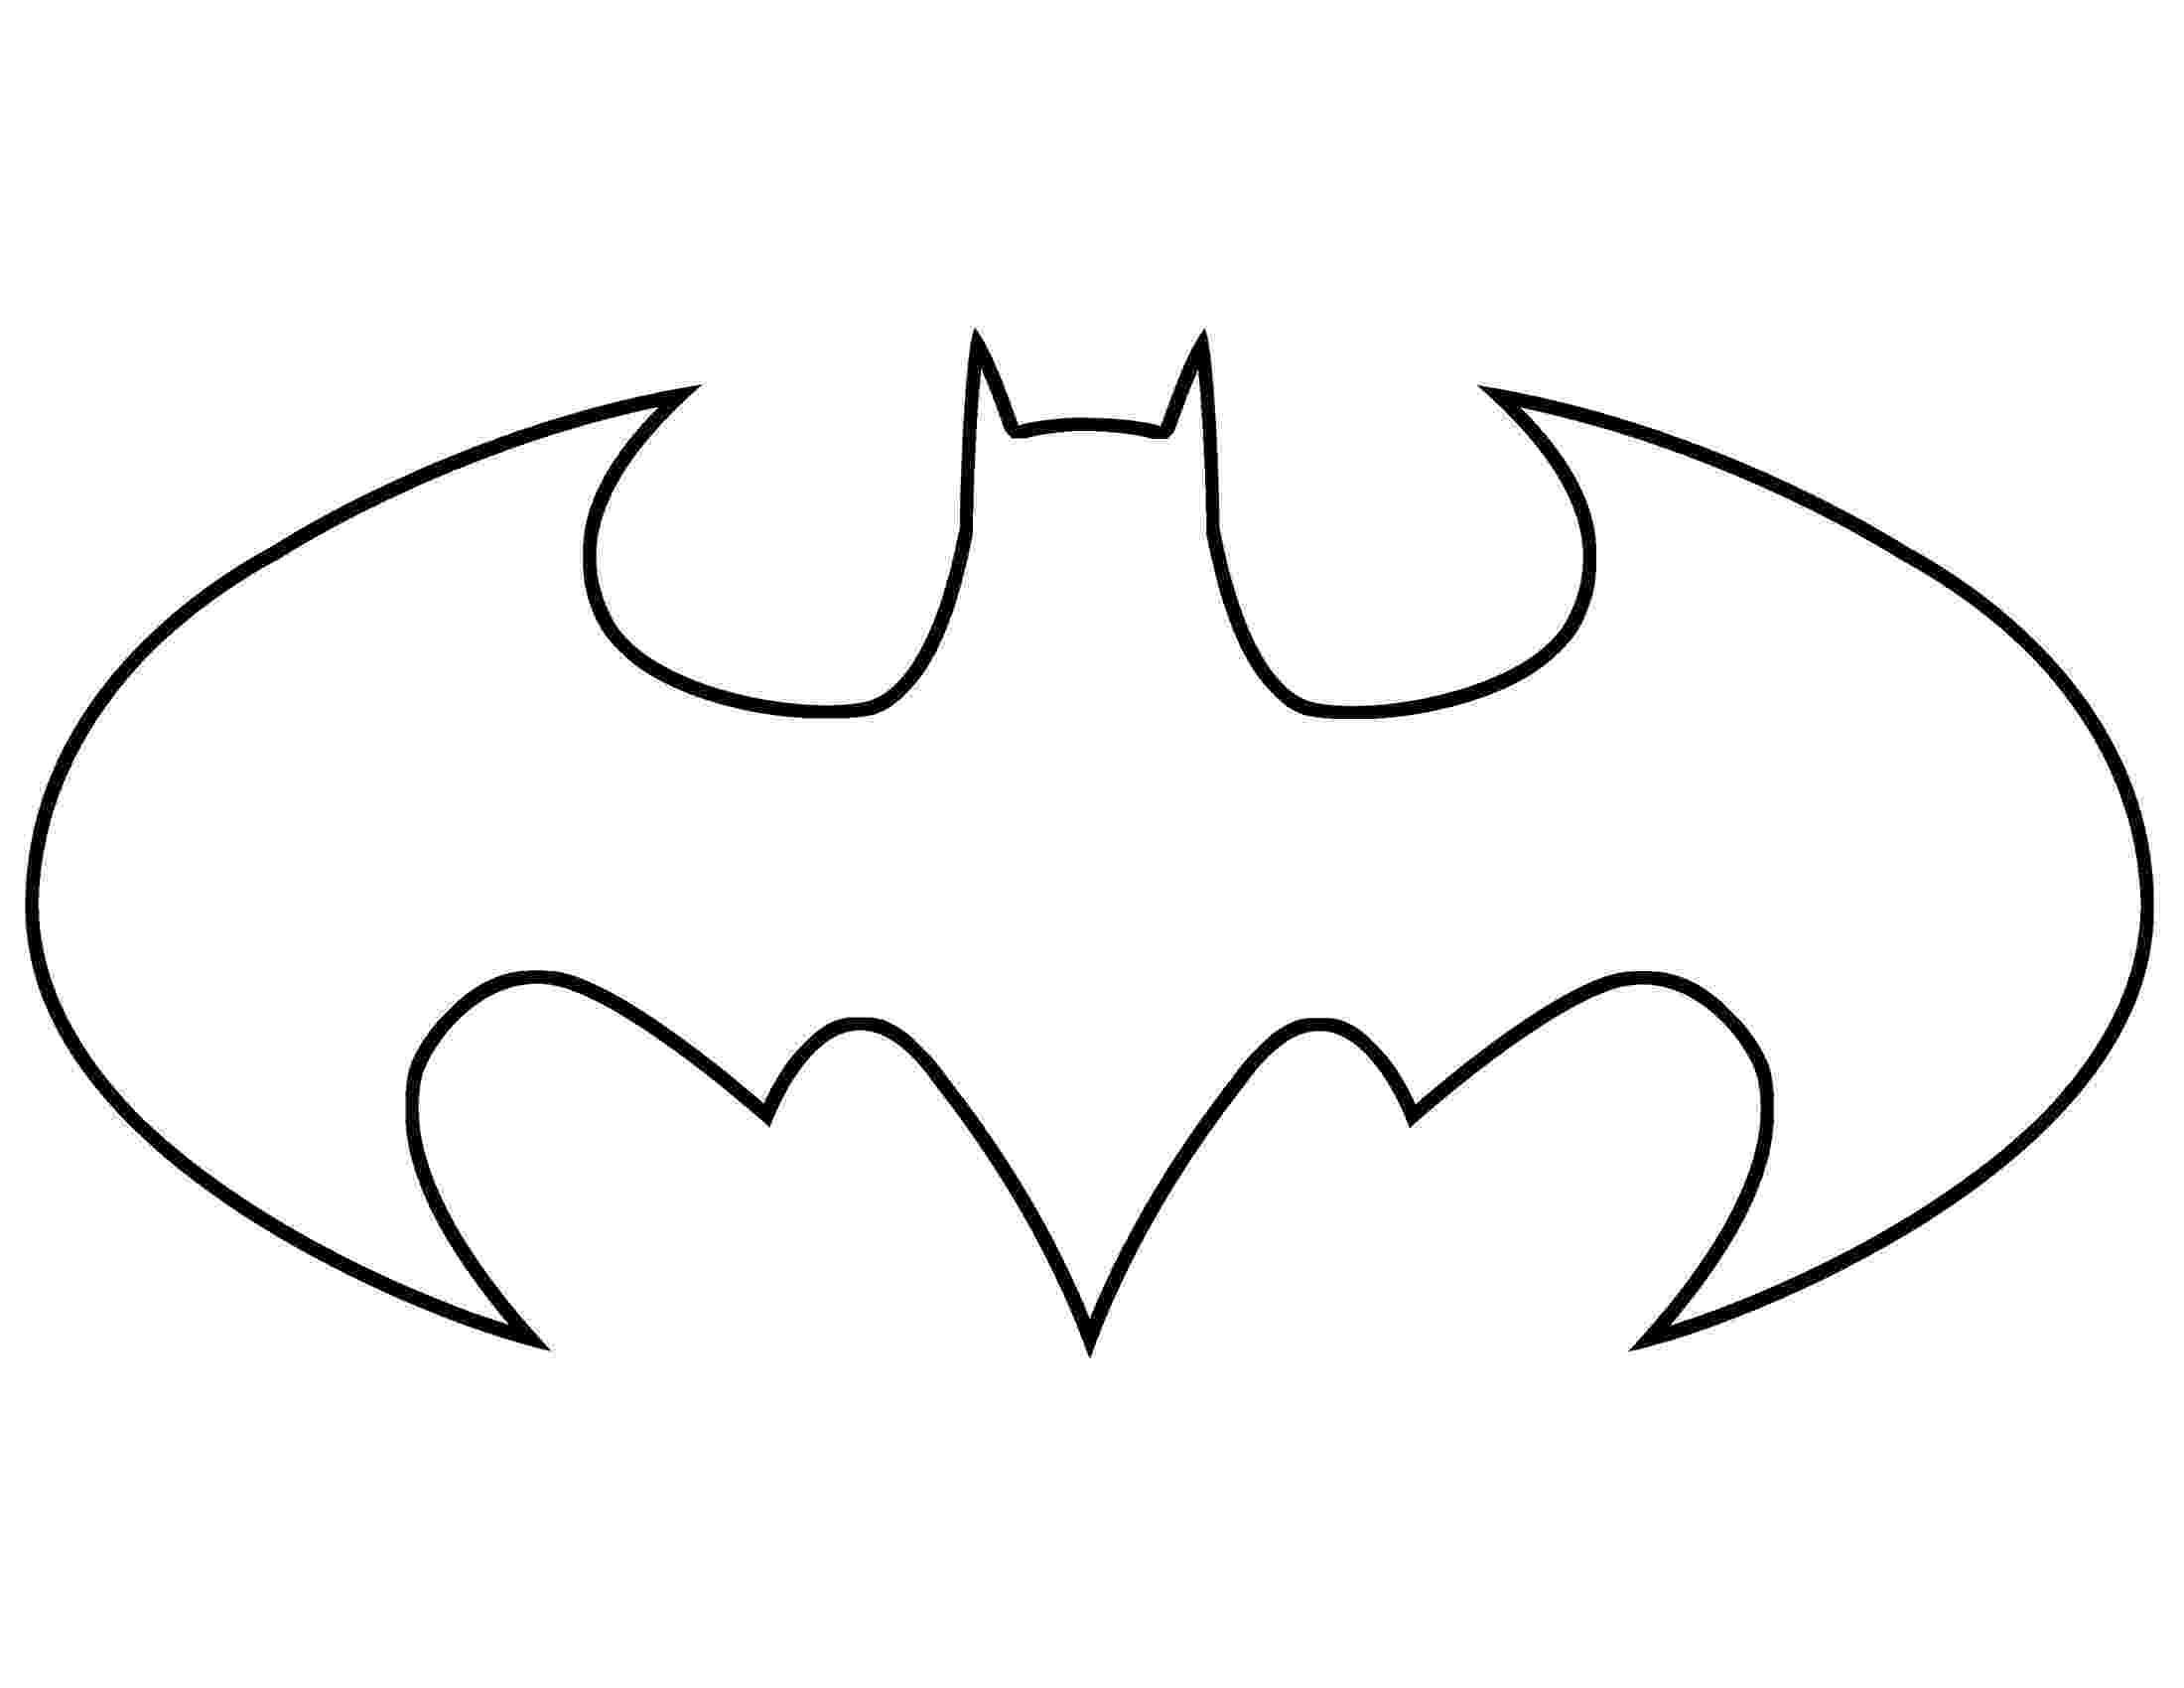 batman template batman stencil clipart free download best batman stencil template batman